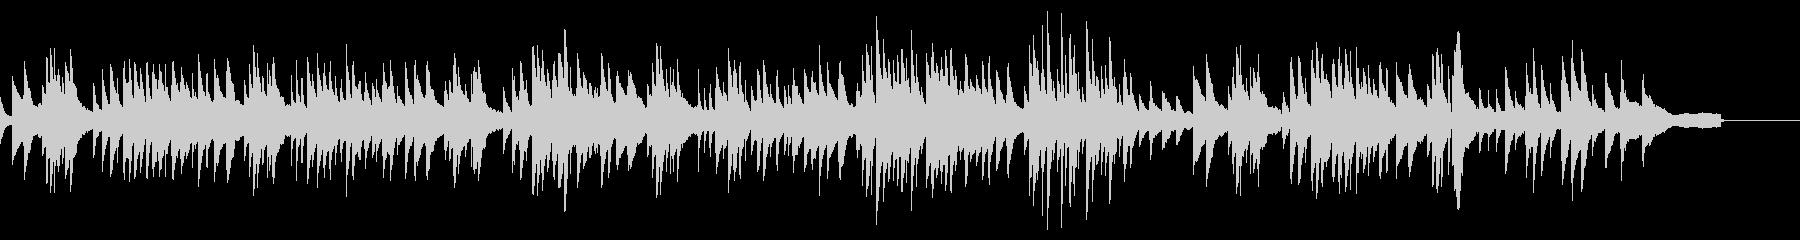 シューマンの「トロイメライ」(夢)の未再生の波形